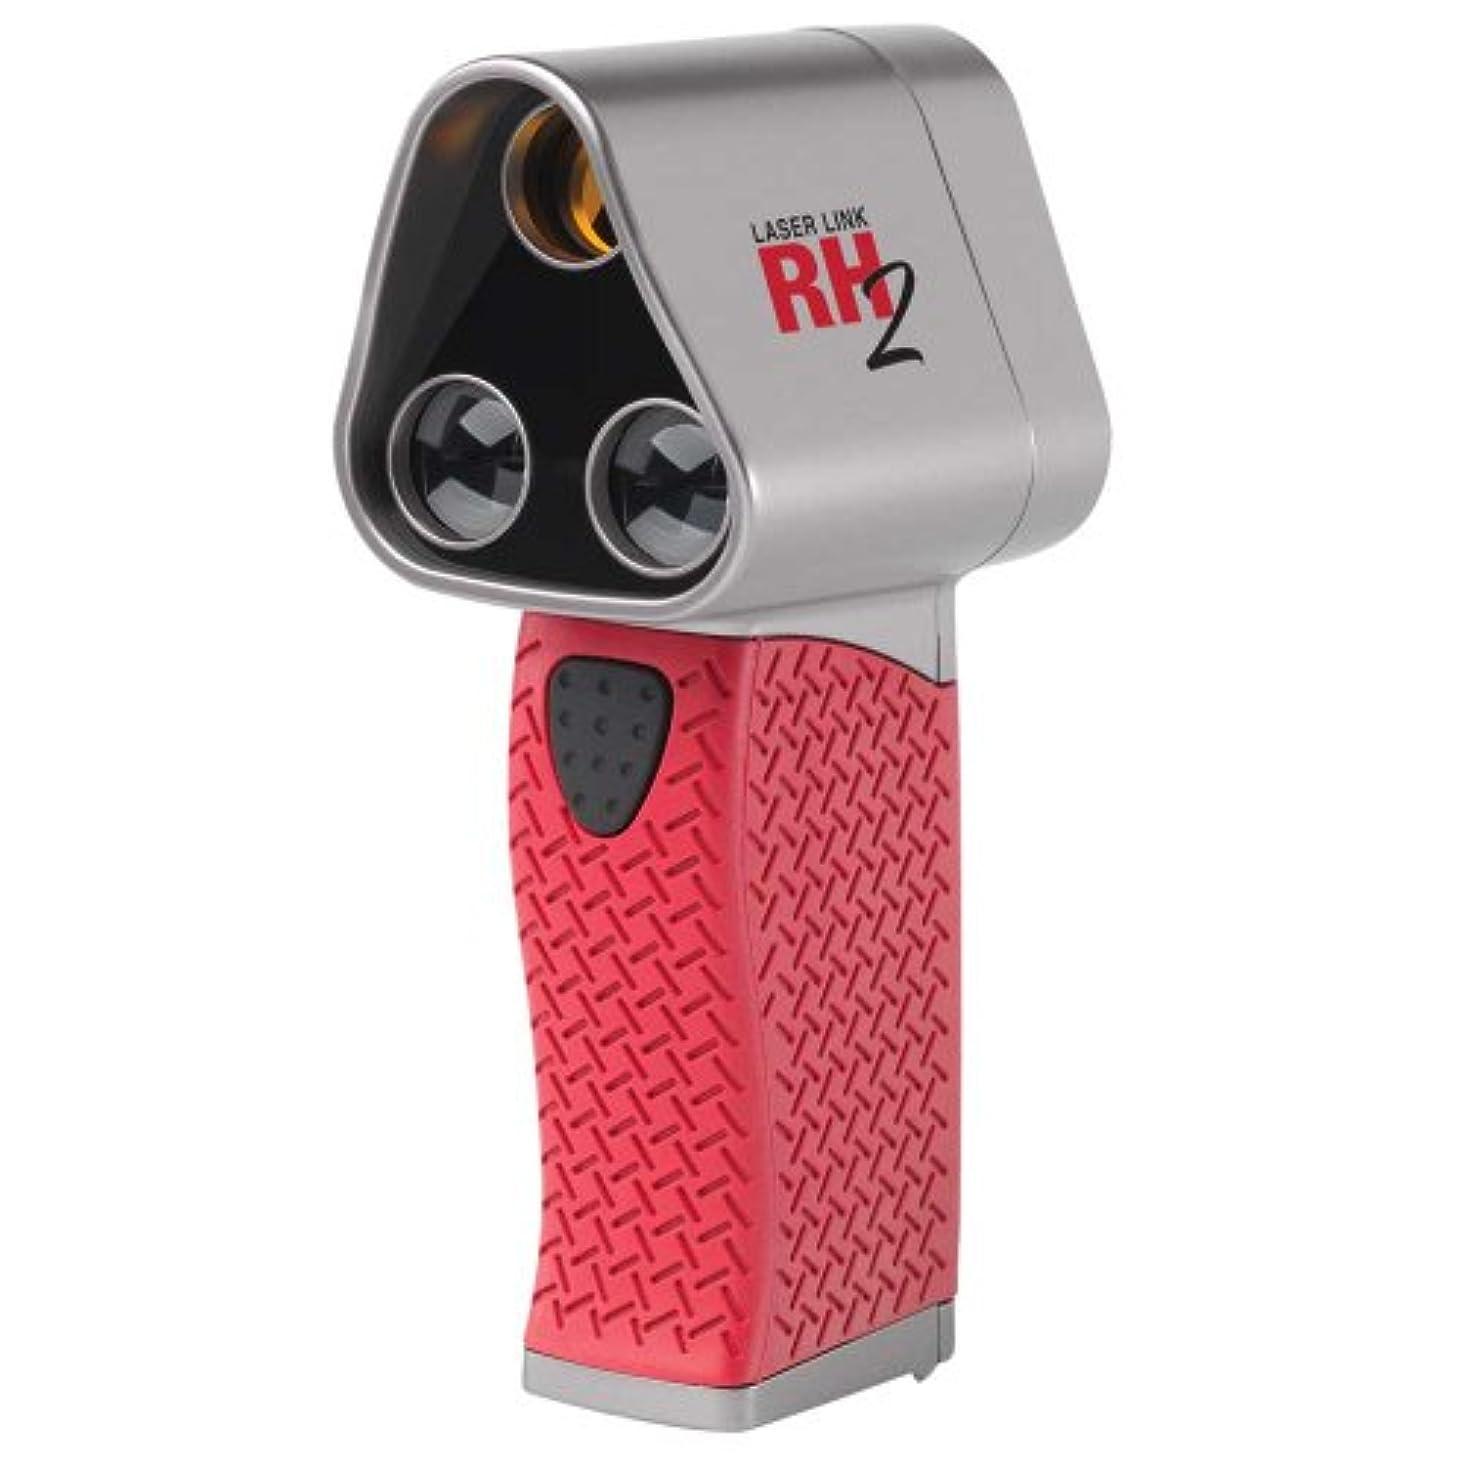 旋回識別舗装レーザーLinkゴルフrh2 Rangefinder